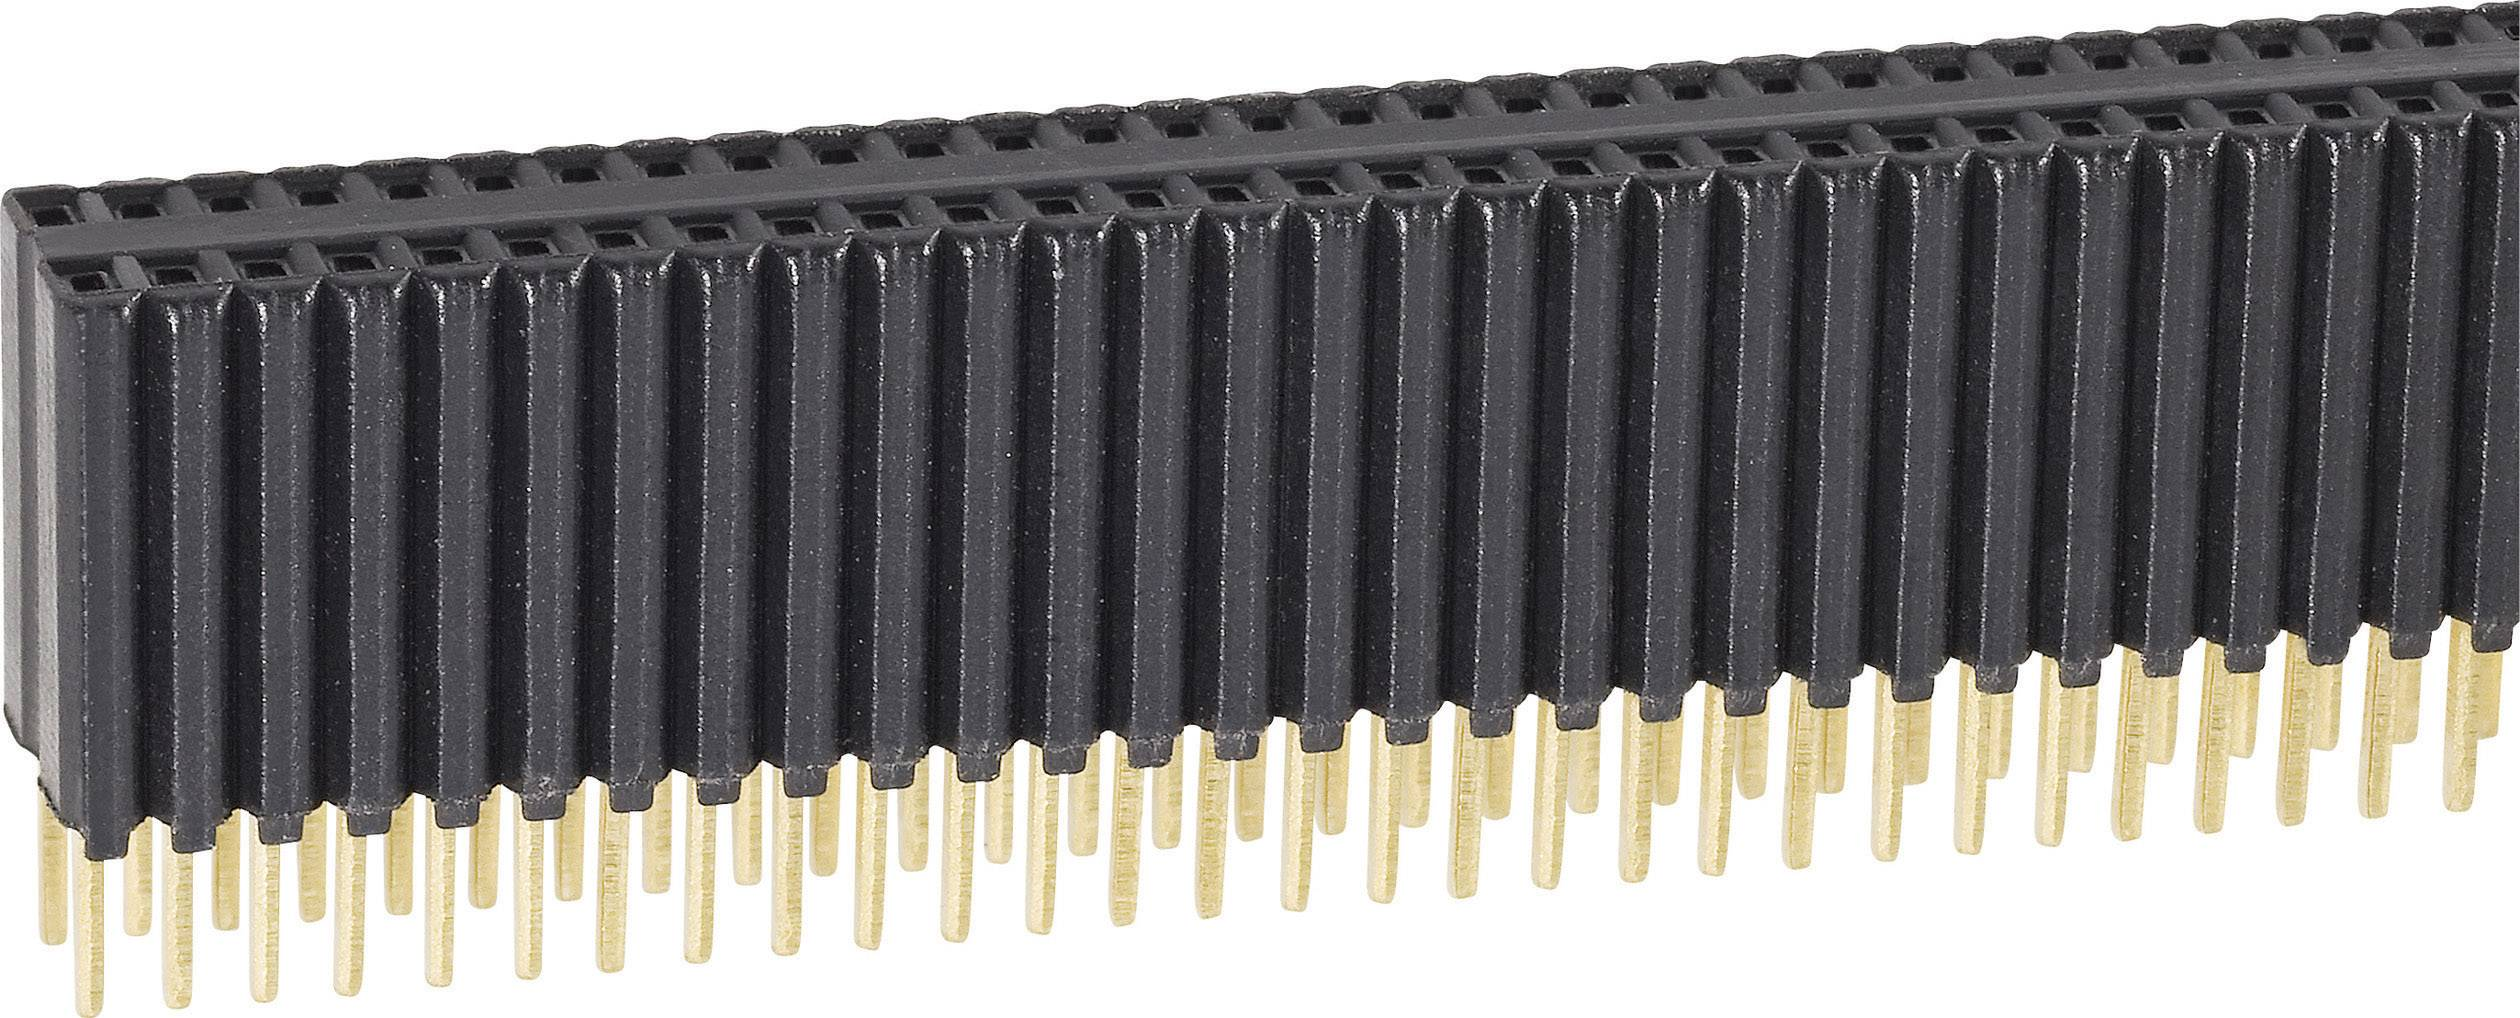 Zásuvková lišta Fischer Elektronik BLM KG 2/ 72/Z, řádky 2, kontakty na řádek 36, 1 ks